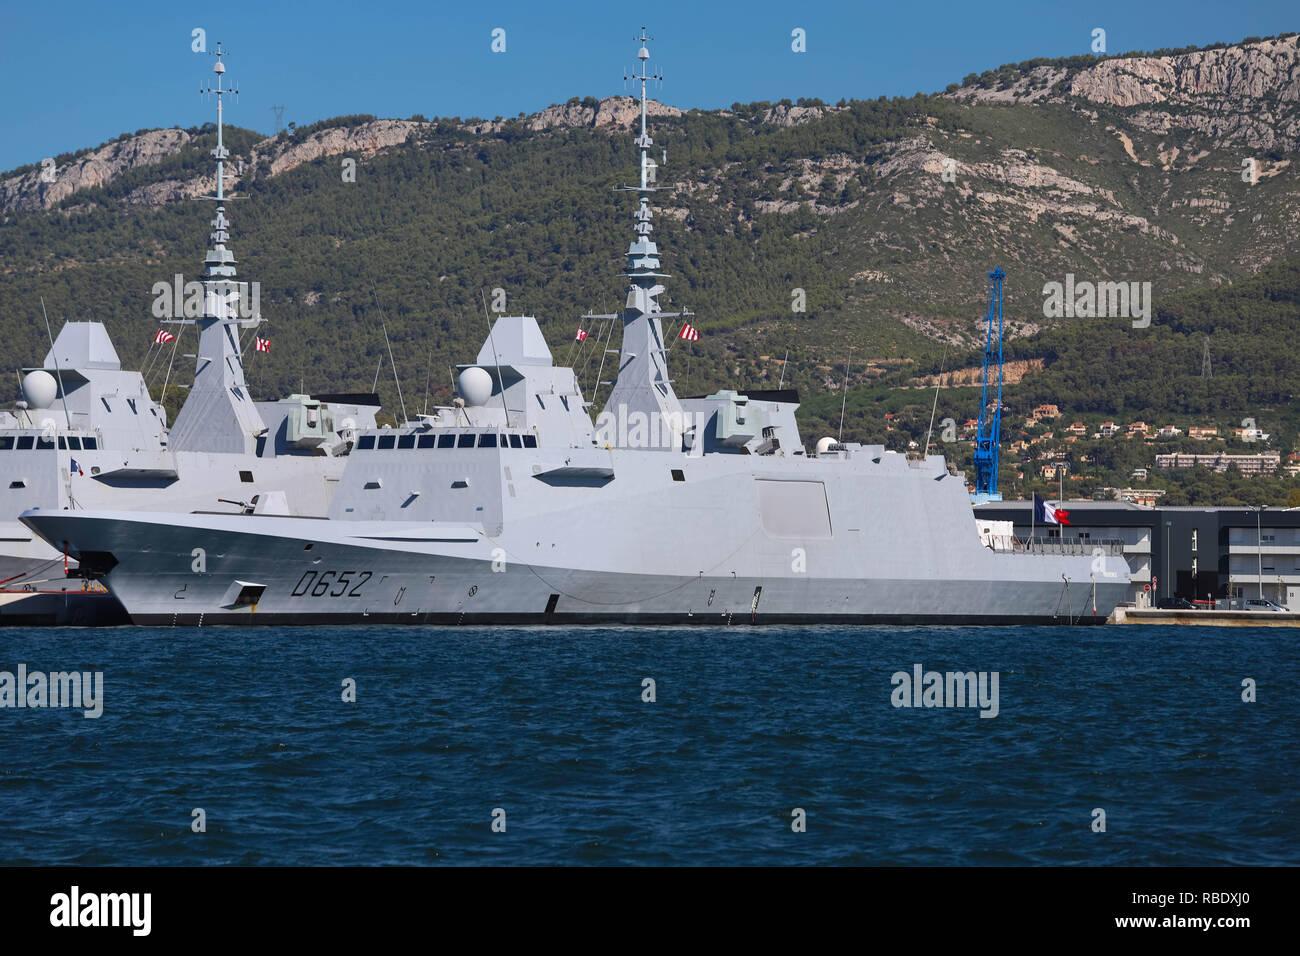 Die Fregatten der Provence in der Französischen Marine Base am Hafen von Toulon, Frankreich angedockt. Stockbild